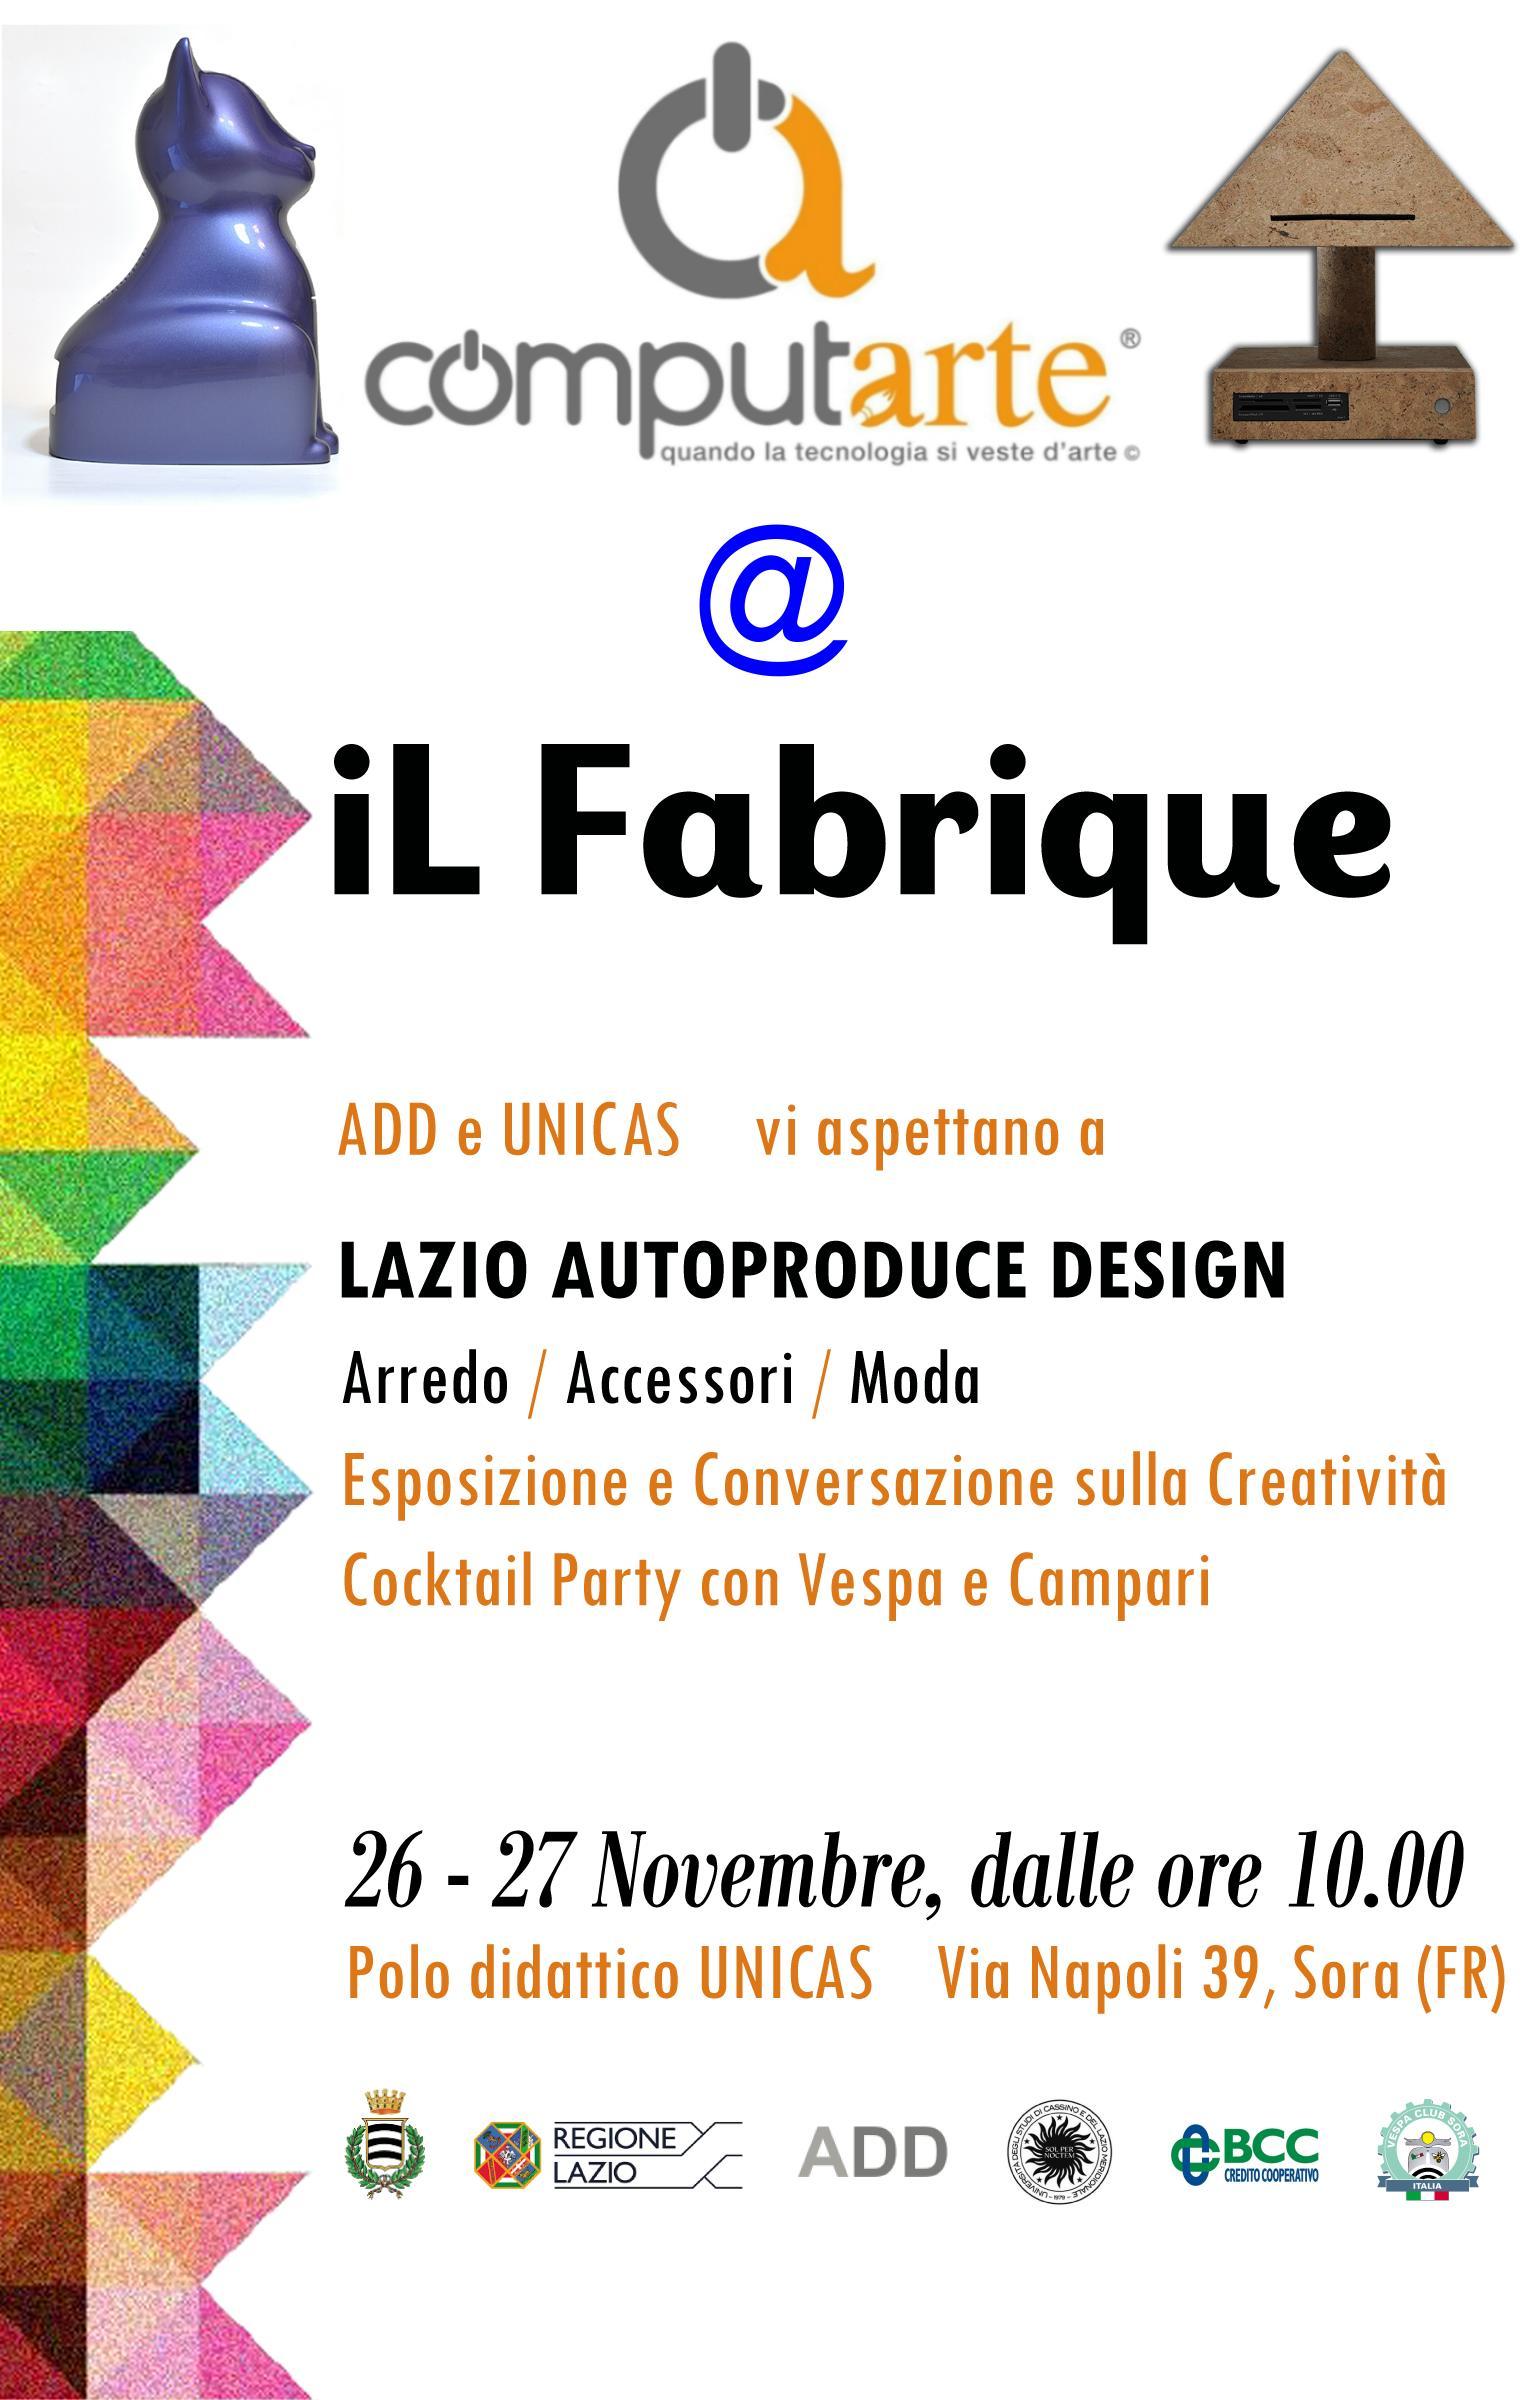 Invito ComputArte - il Fabrique 26-27 Novembre 2016 Sora